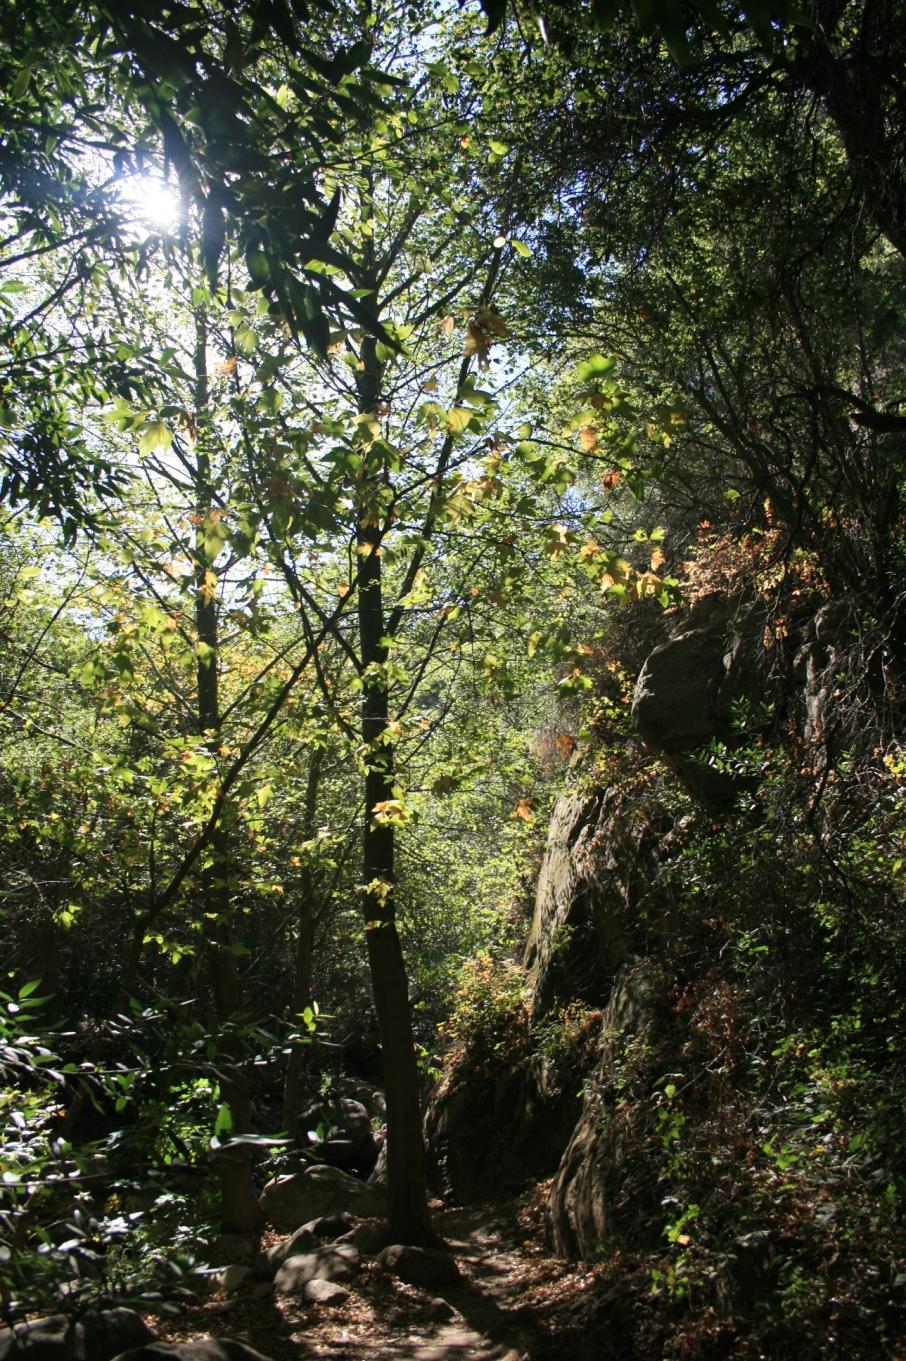 Greenery in lower Rattlesnake Canyon